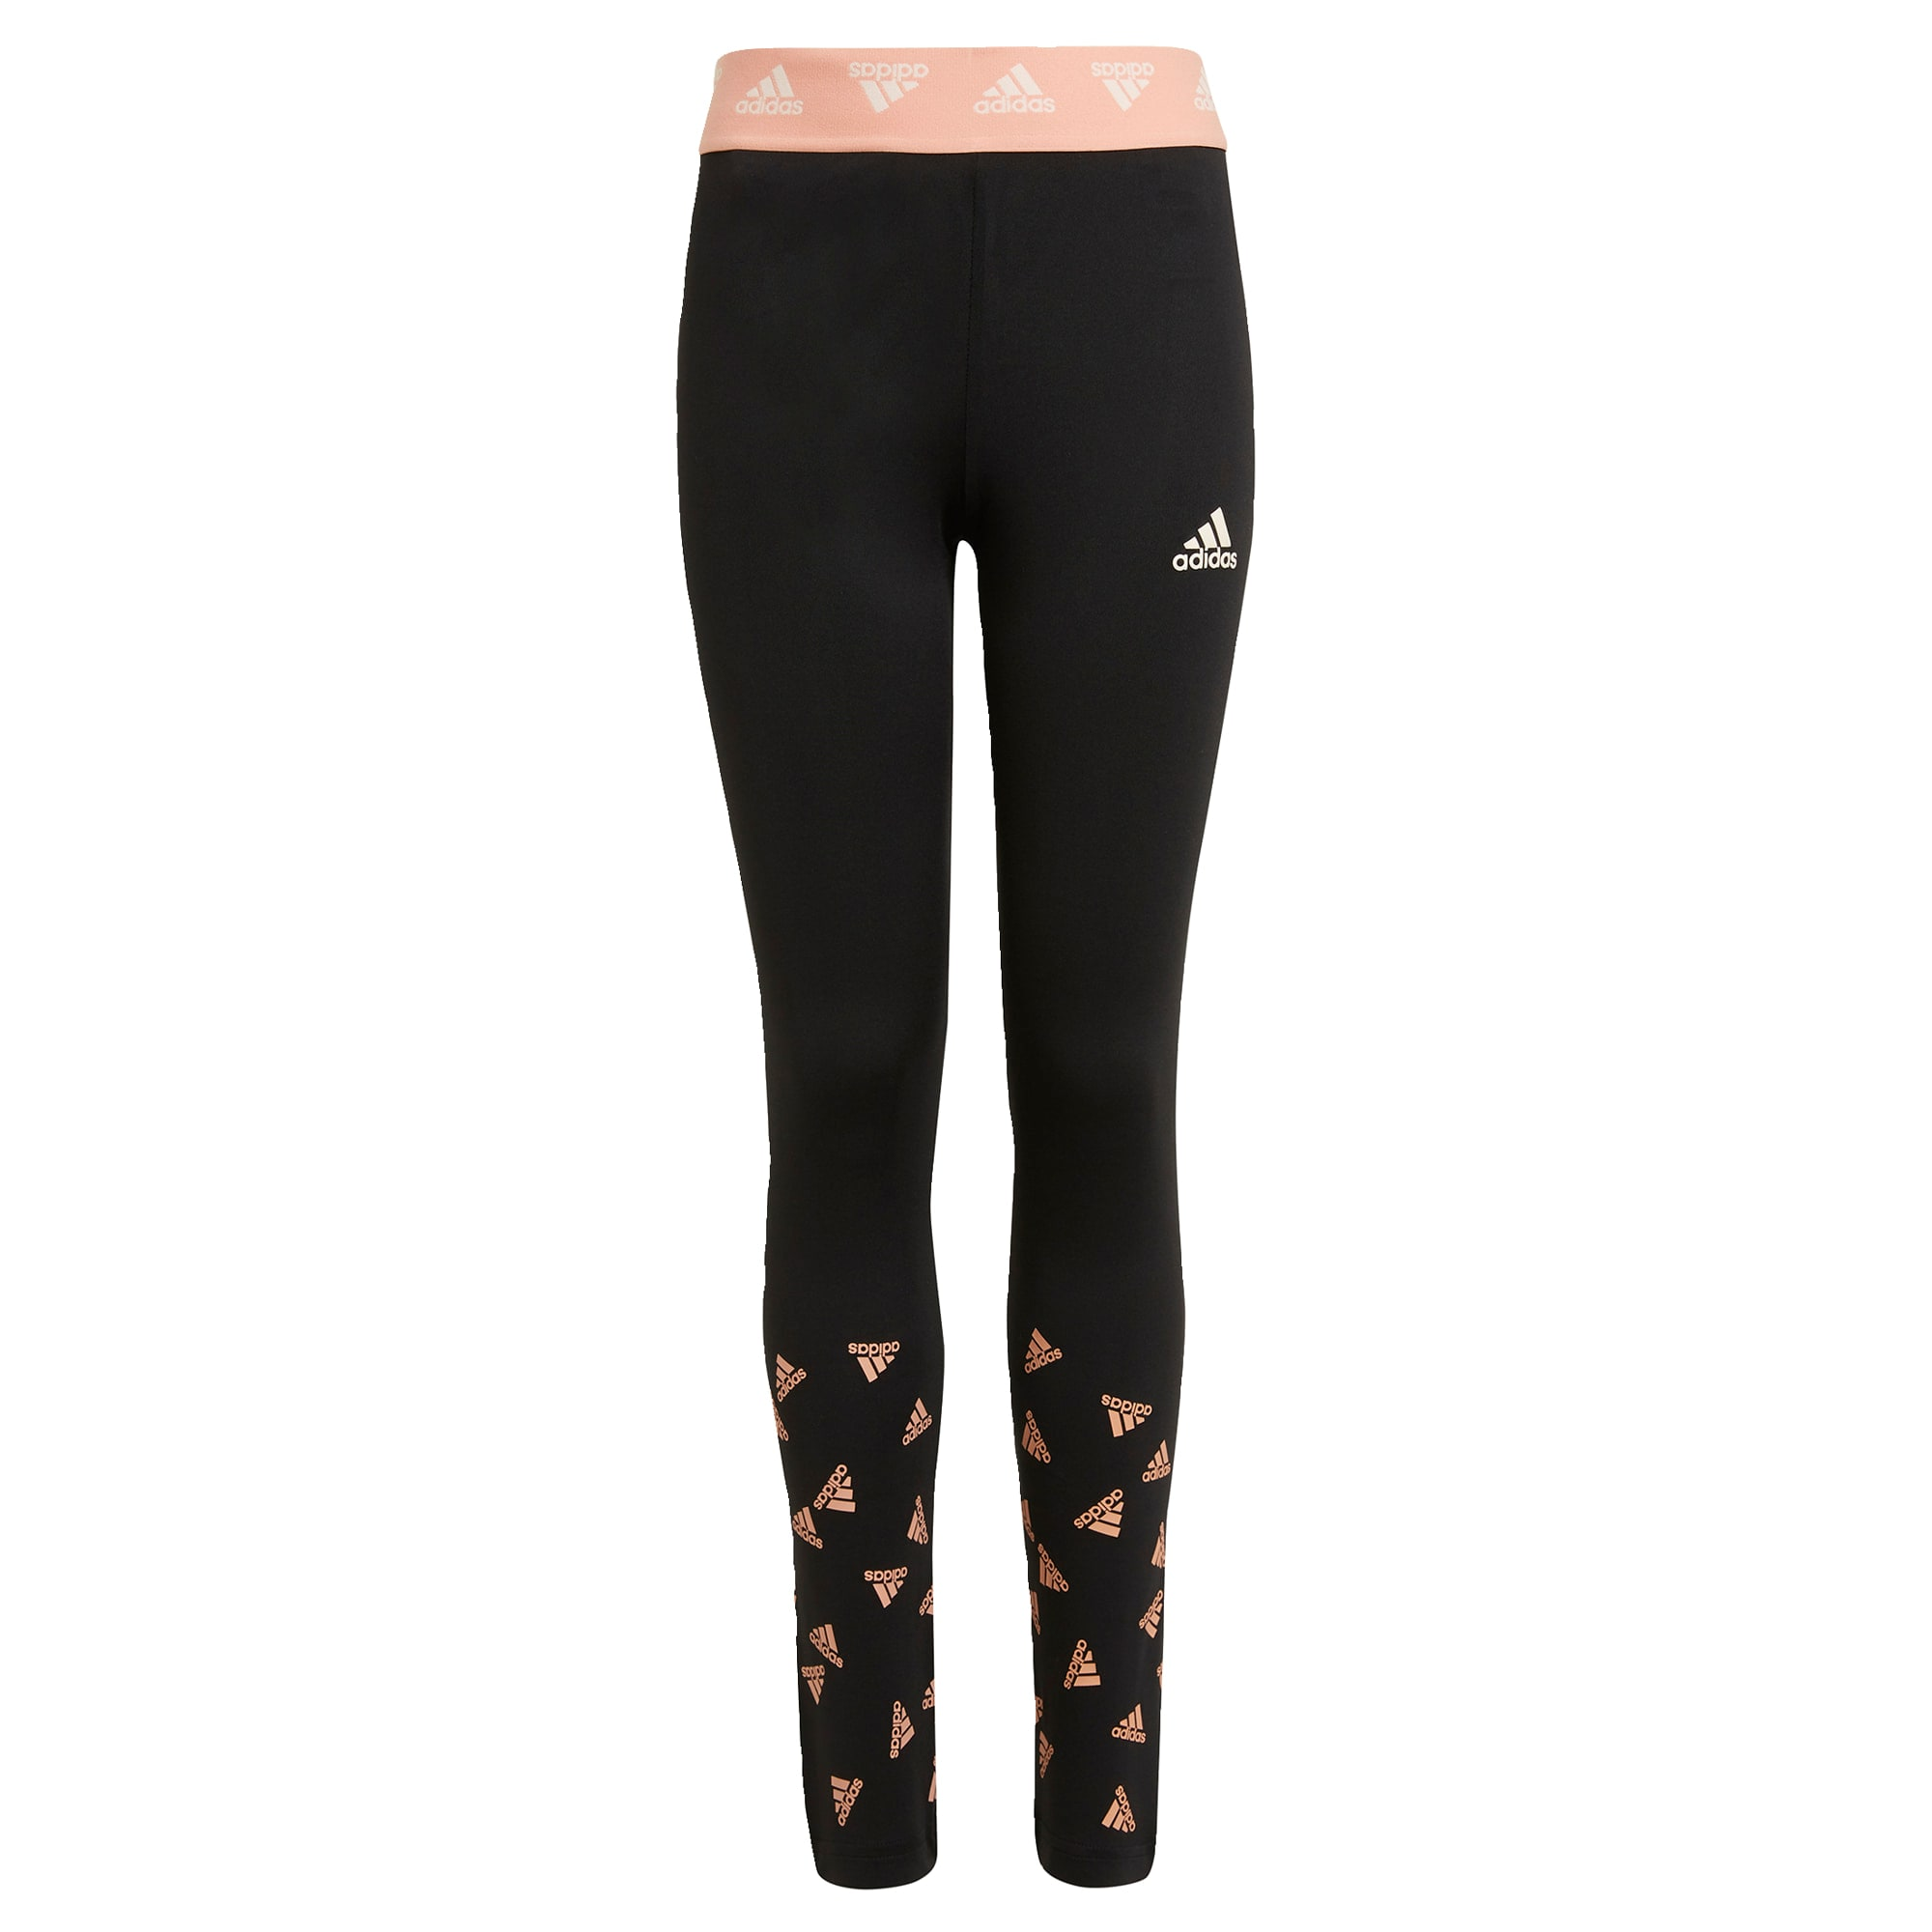 ADIDAS PERFORMANCE Sportinės kelnės juoda / abrikosų spalva / balta